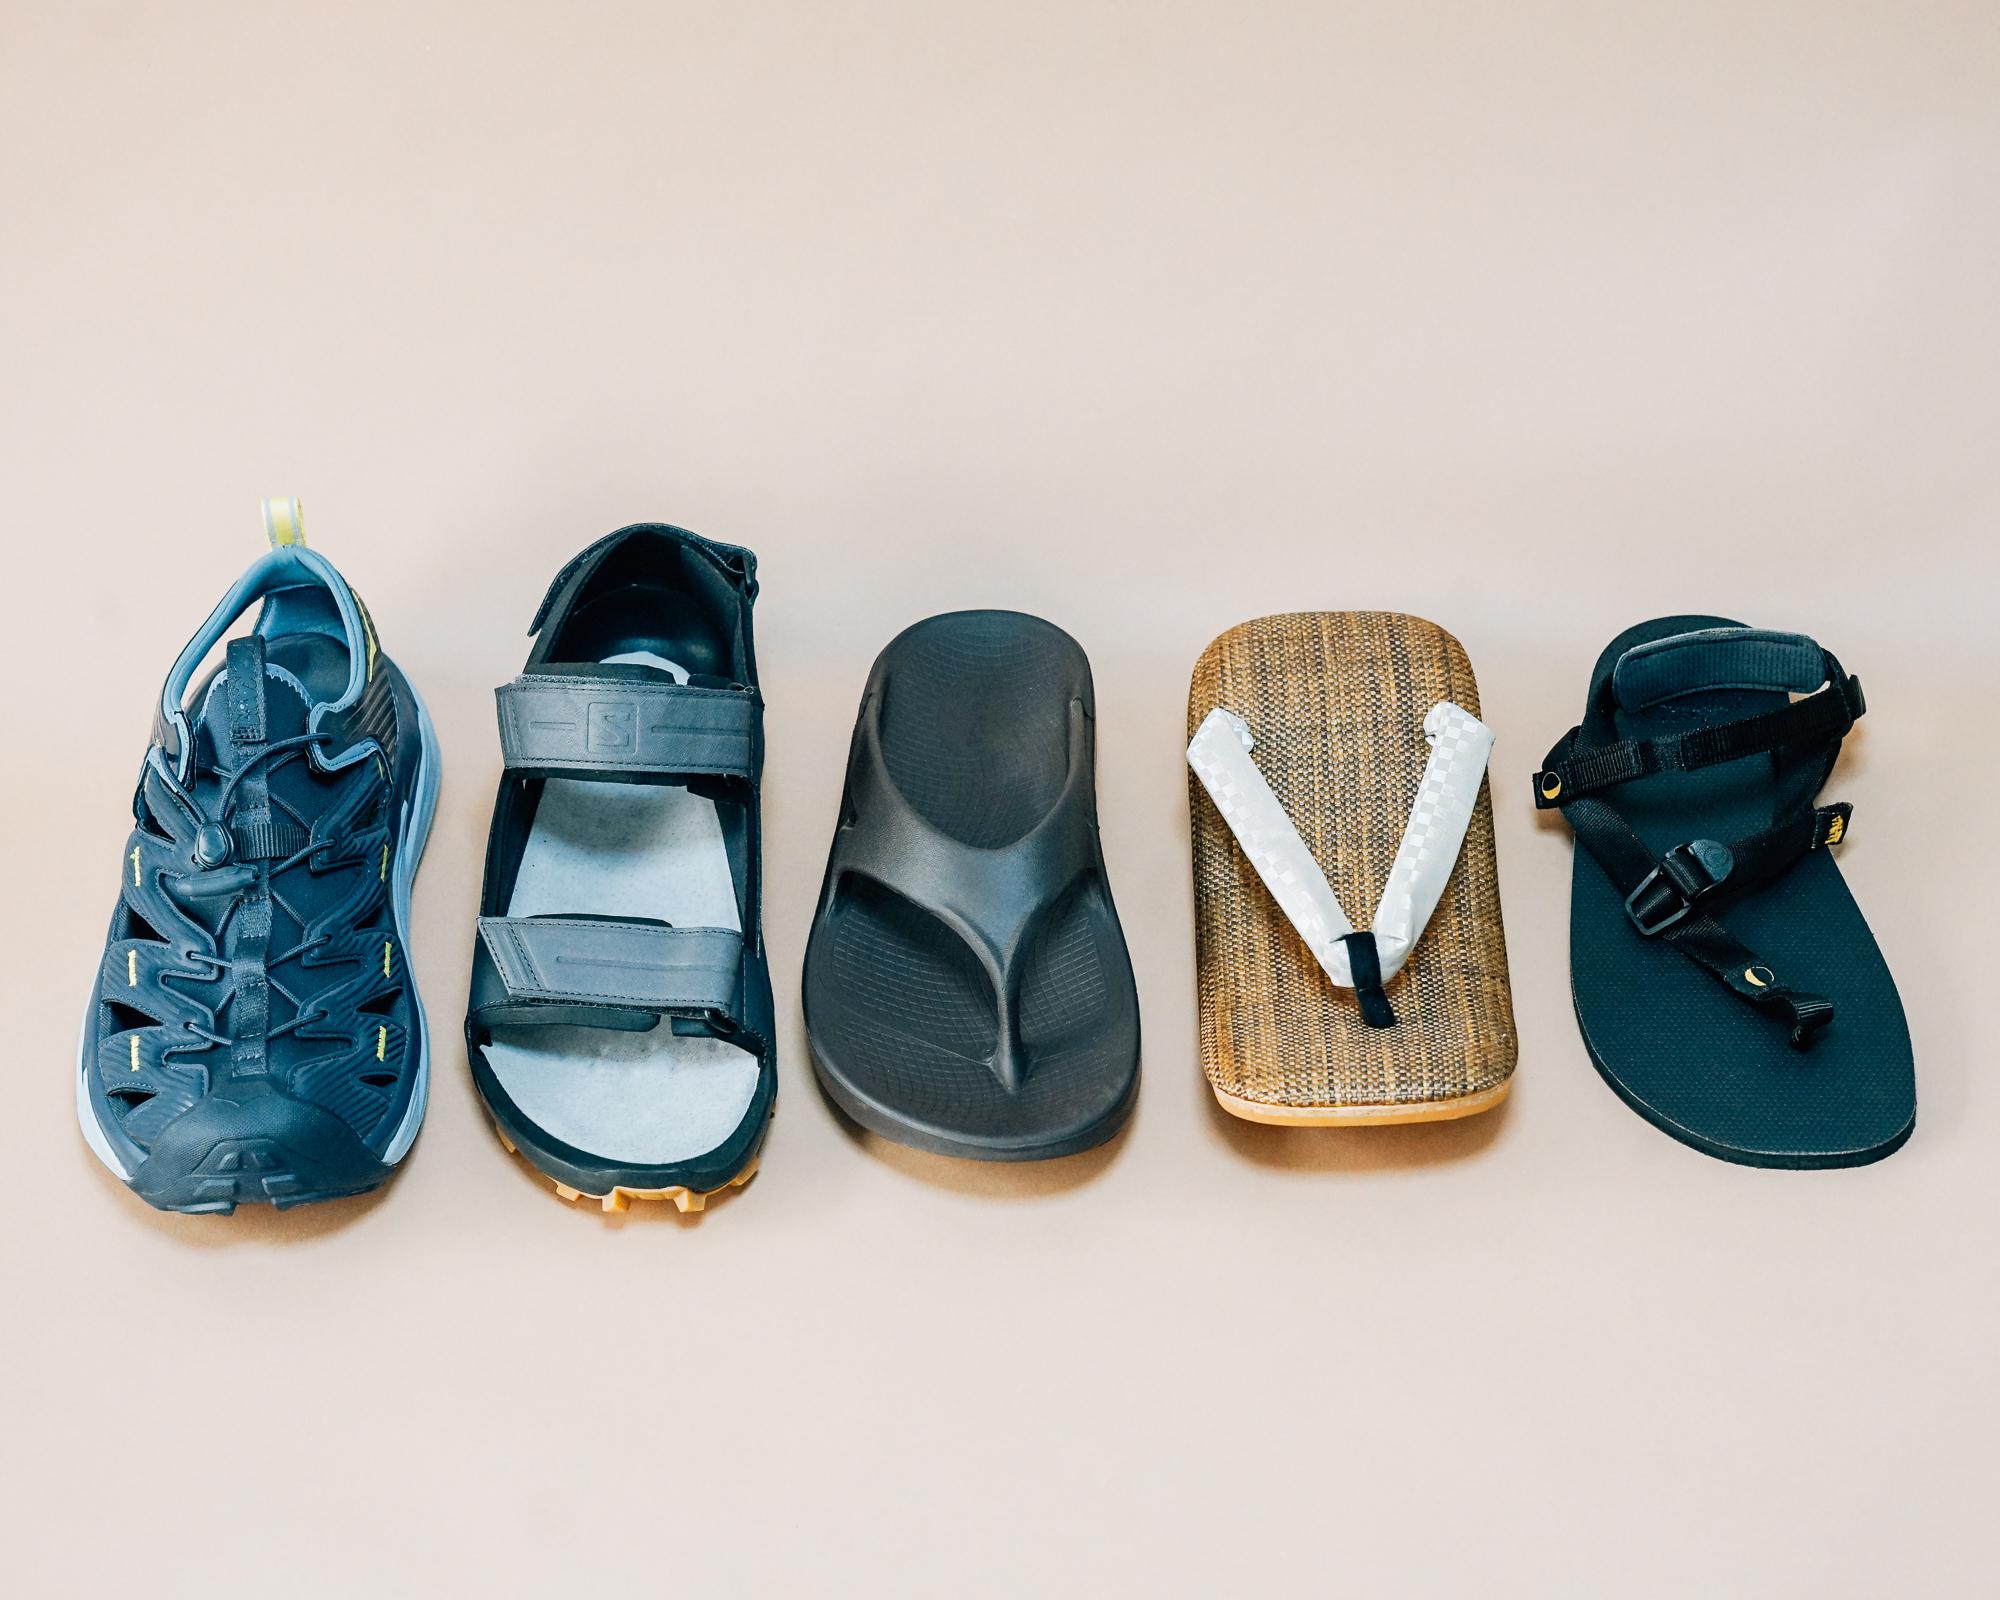 この夏履きたいアウトドア・スポーツサンダル 個性豊かな注目の5足をインプレッション